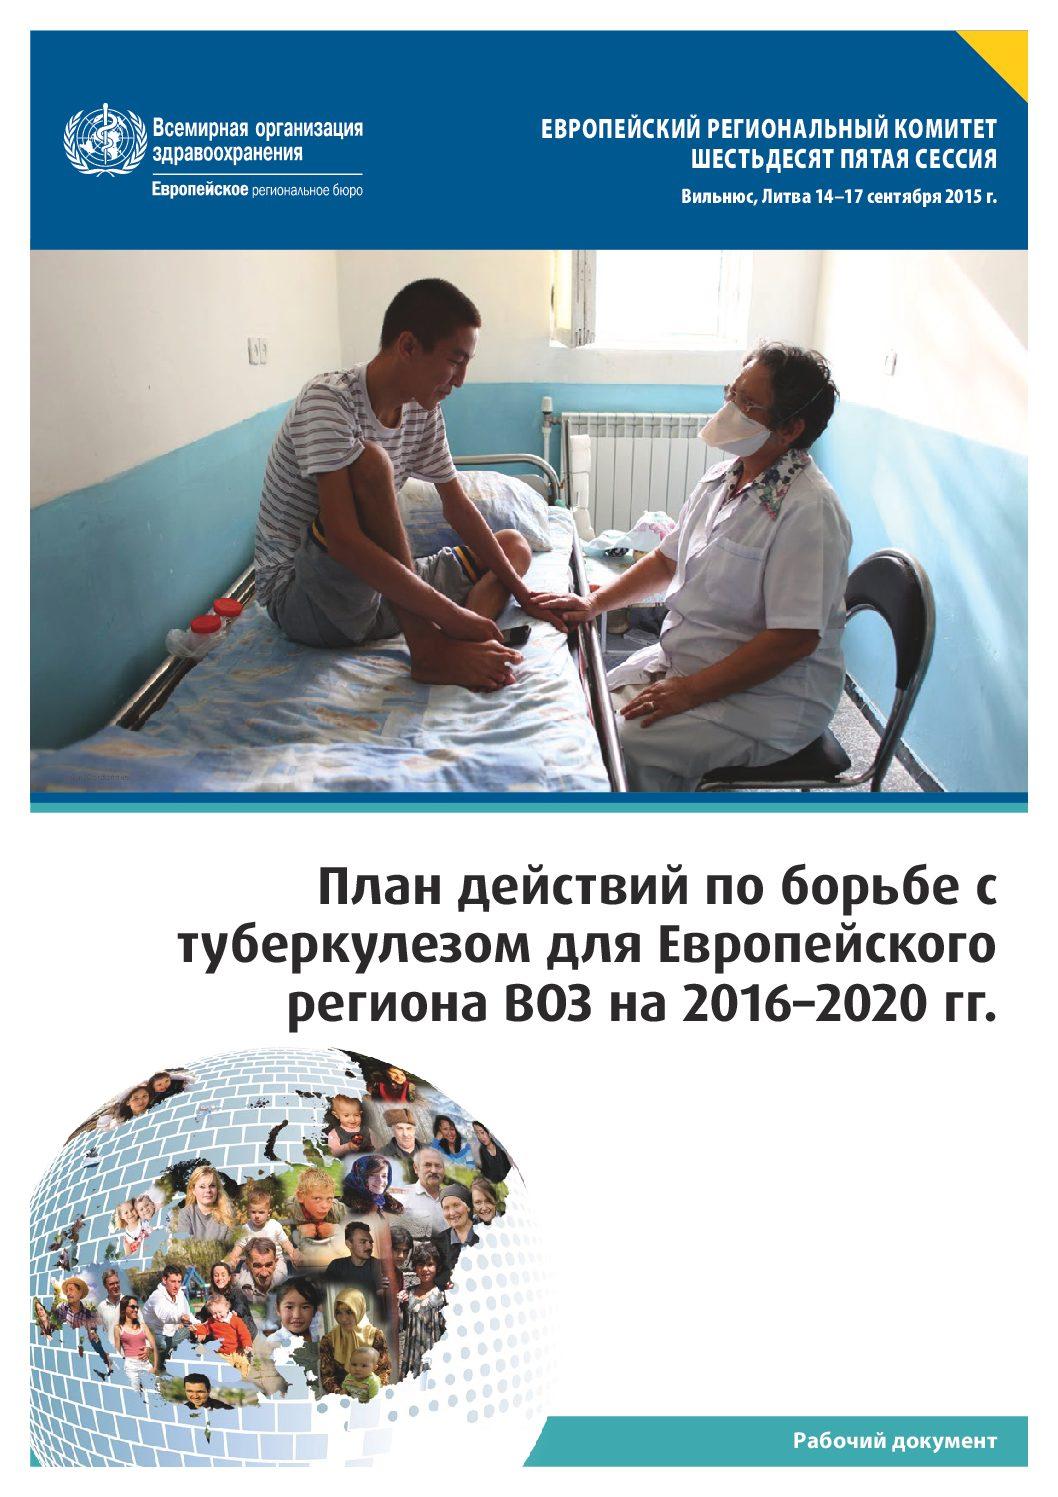 План действий по борьбе с туберкулезом для Европейского региона ВОЗ на 2016–2020 гг.